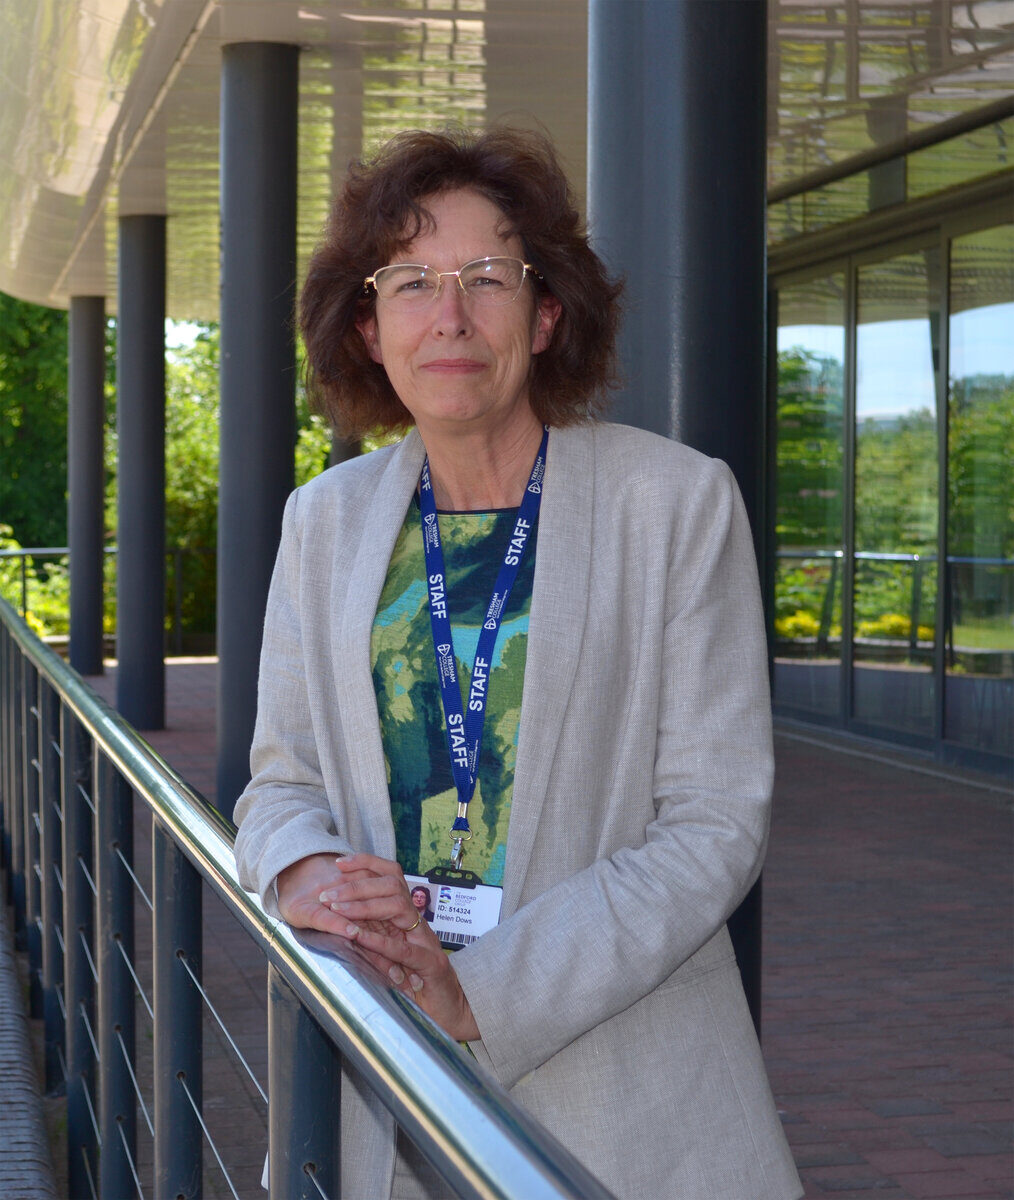 Helen Dows Engineering Tresham College